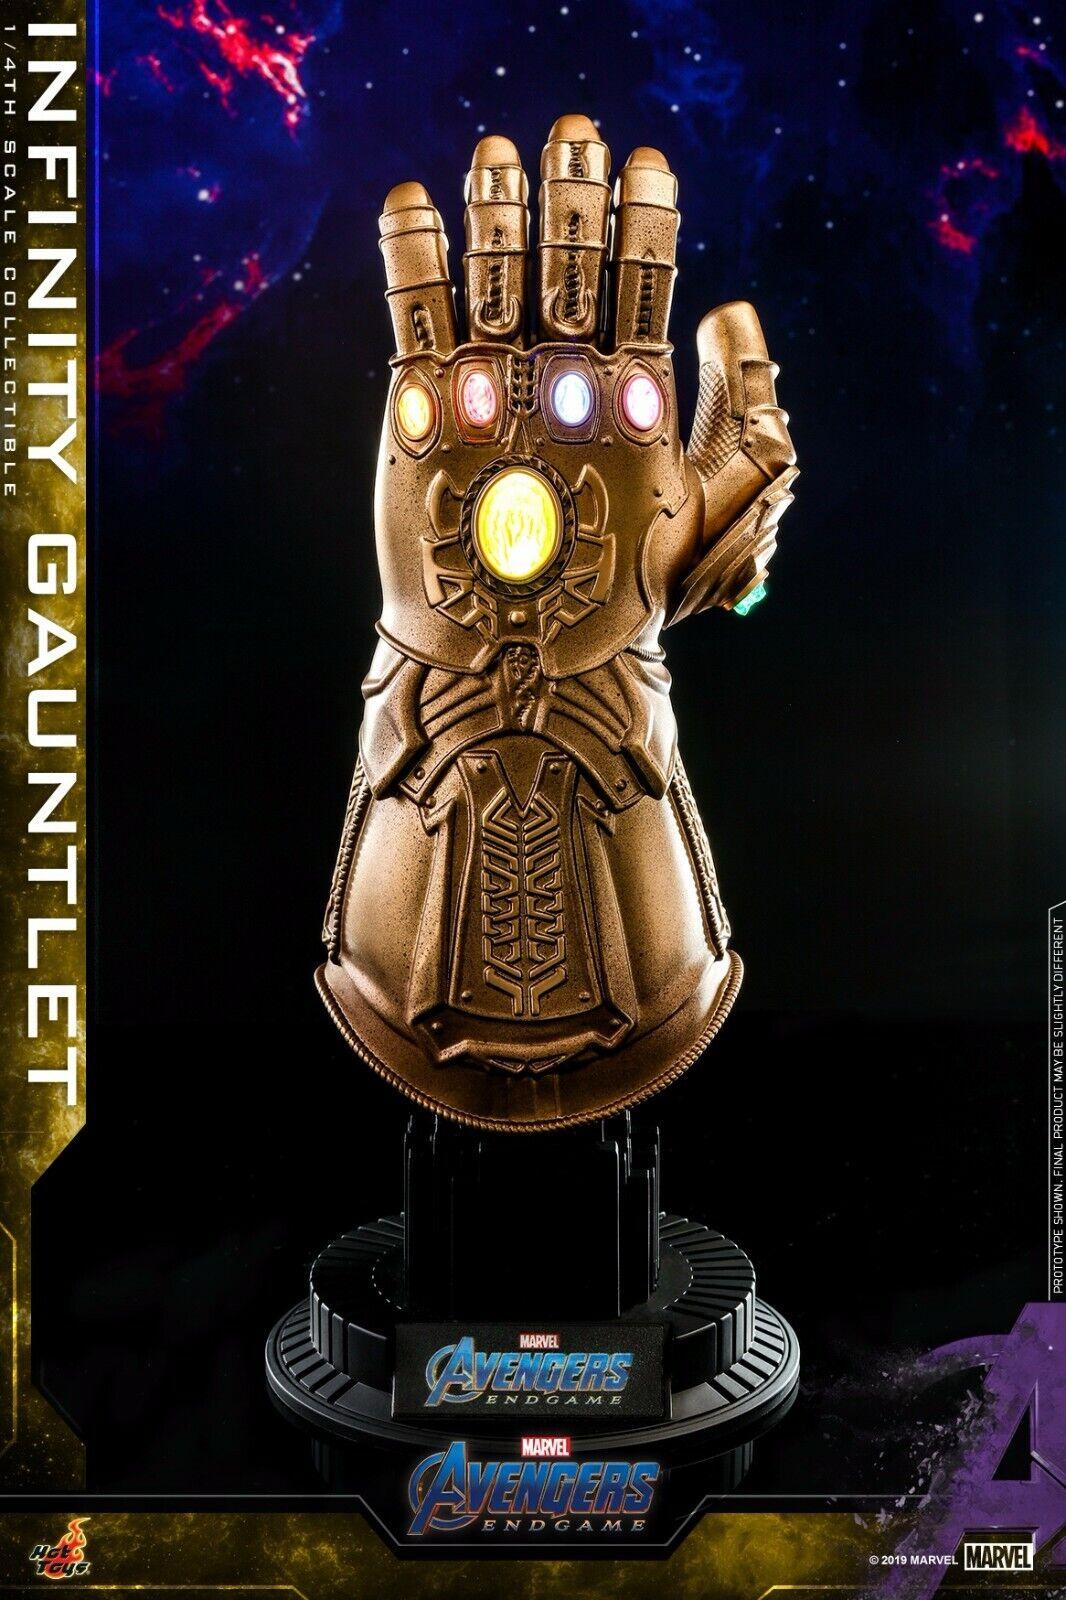 HOT TOYS ACS007 Avengers  Endgame 1 4 LED Thanos Infinity Gauntlet